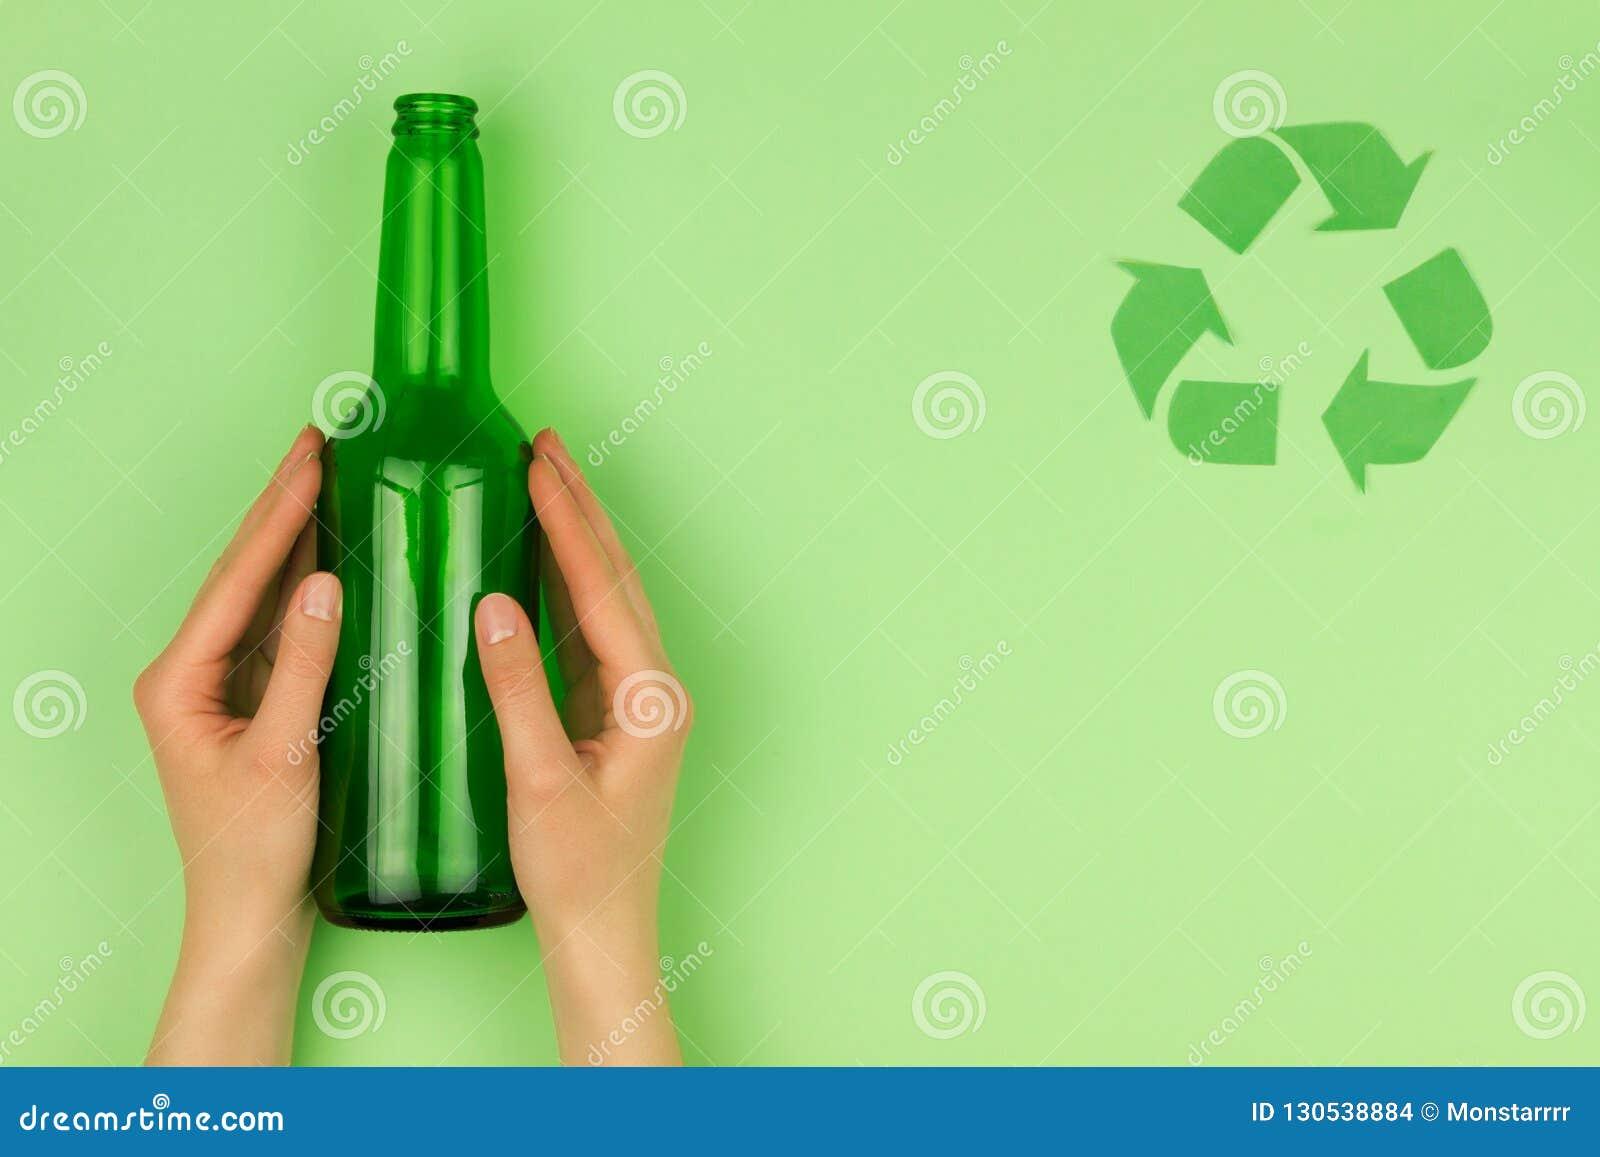 Het groene kringloopsymboolteken symboliseert het kringloopconcept van het afvalhergebruik